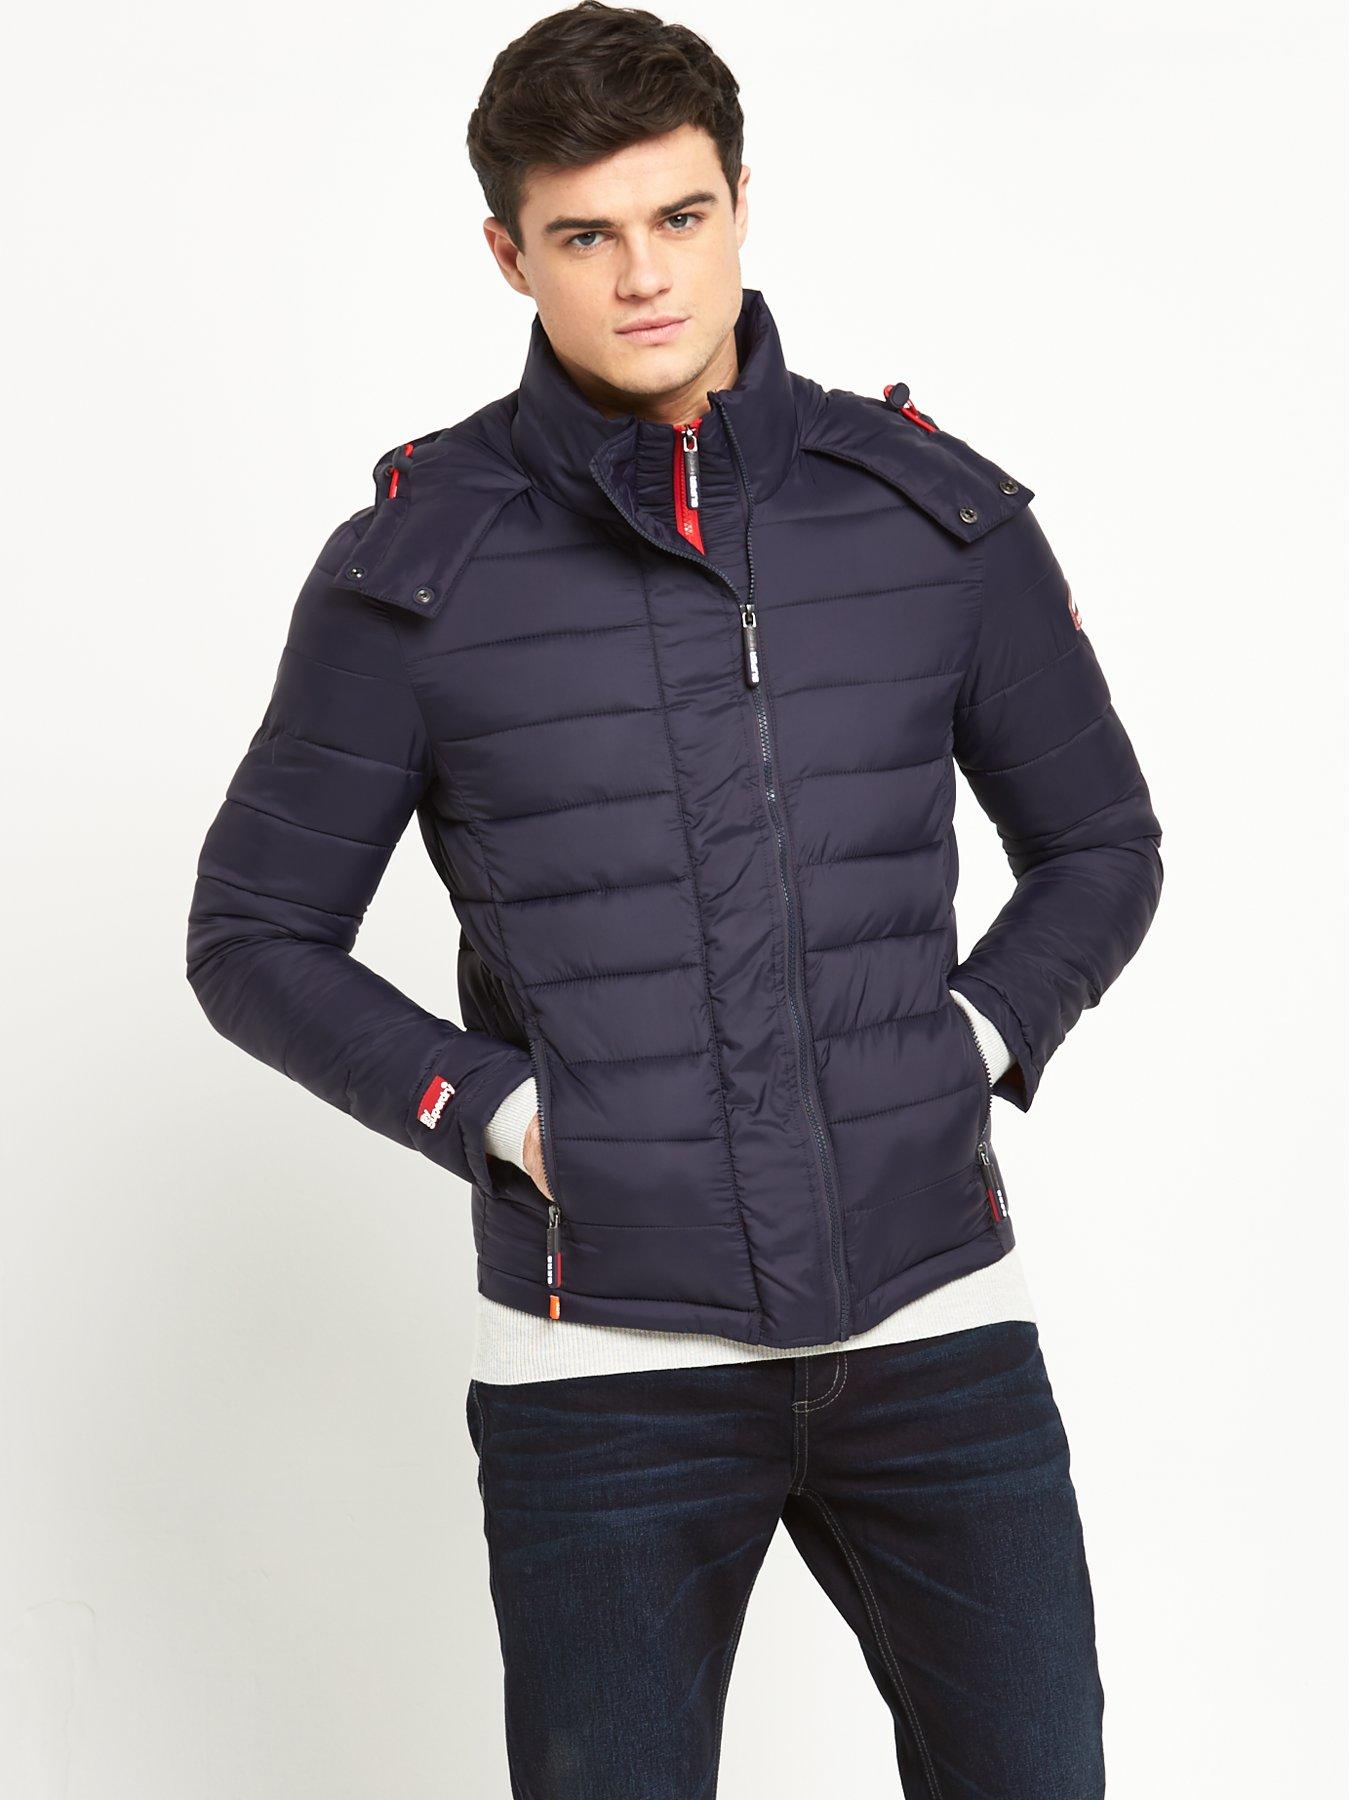 superdry fuji hooded jacket mens brick lane studios york. Black Bedroom Furniture Sets. Home Design Ideas